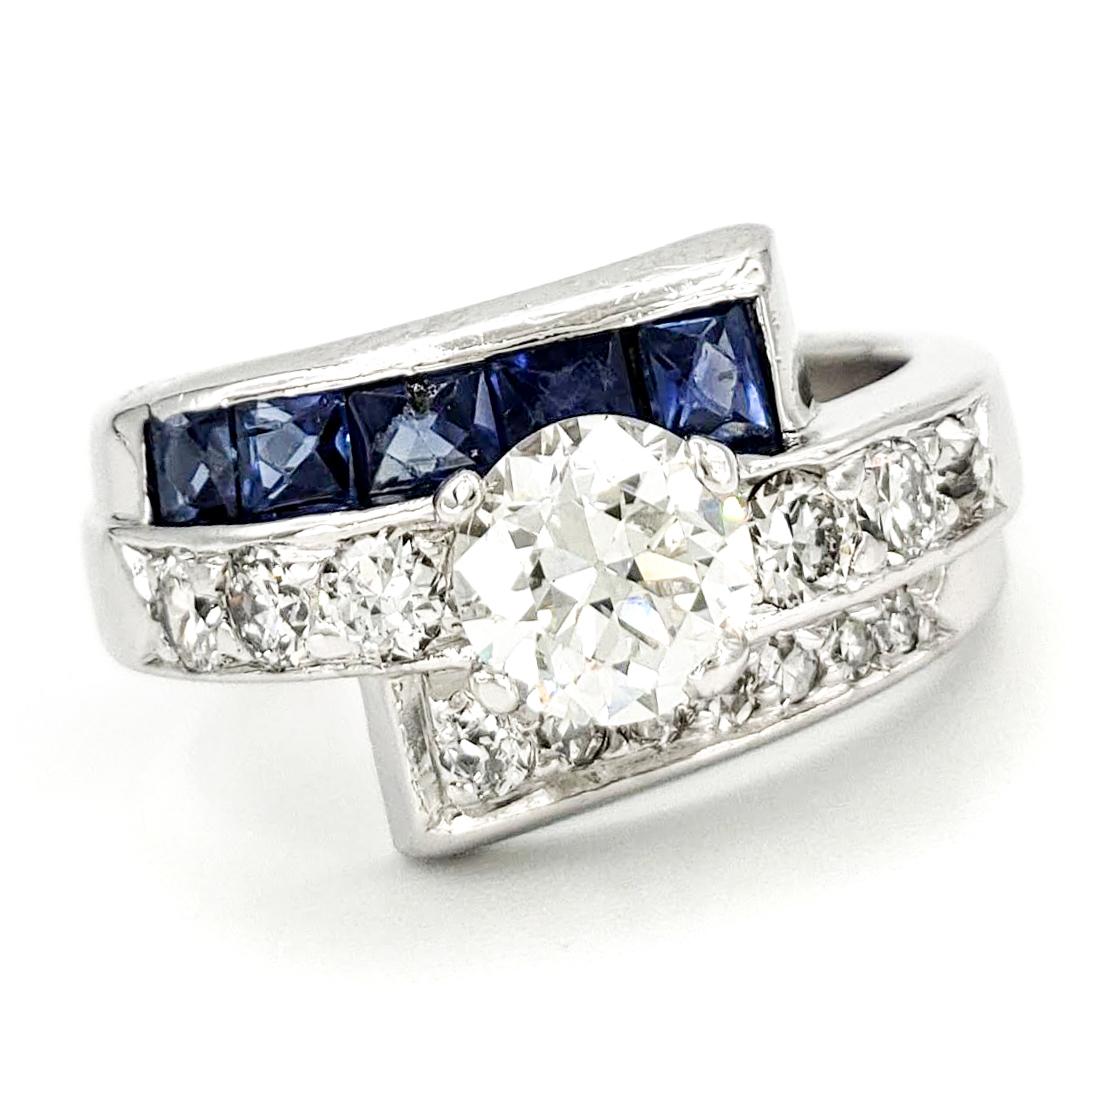 estate-platinum-engagement-ring-with-0-64-carat-old-european-cut-diamond-egl-h-vs1